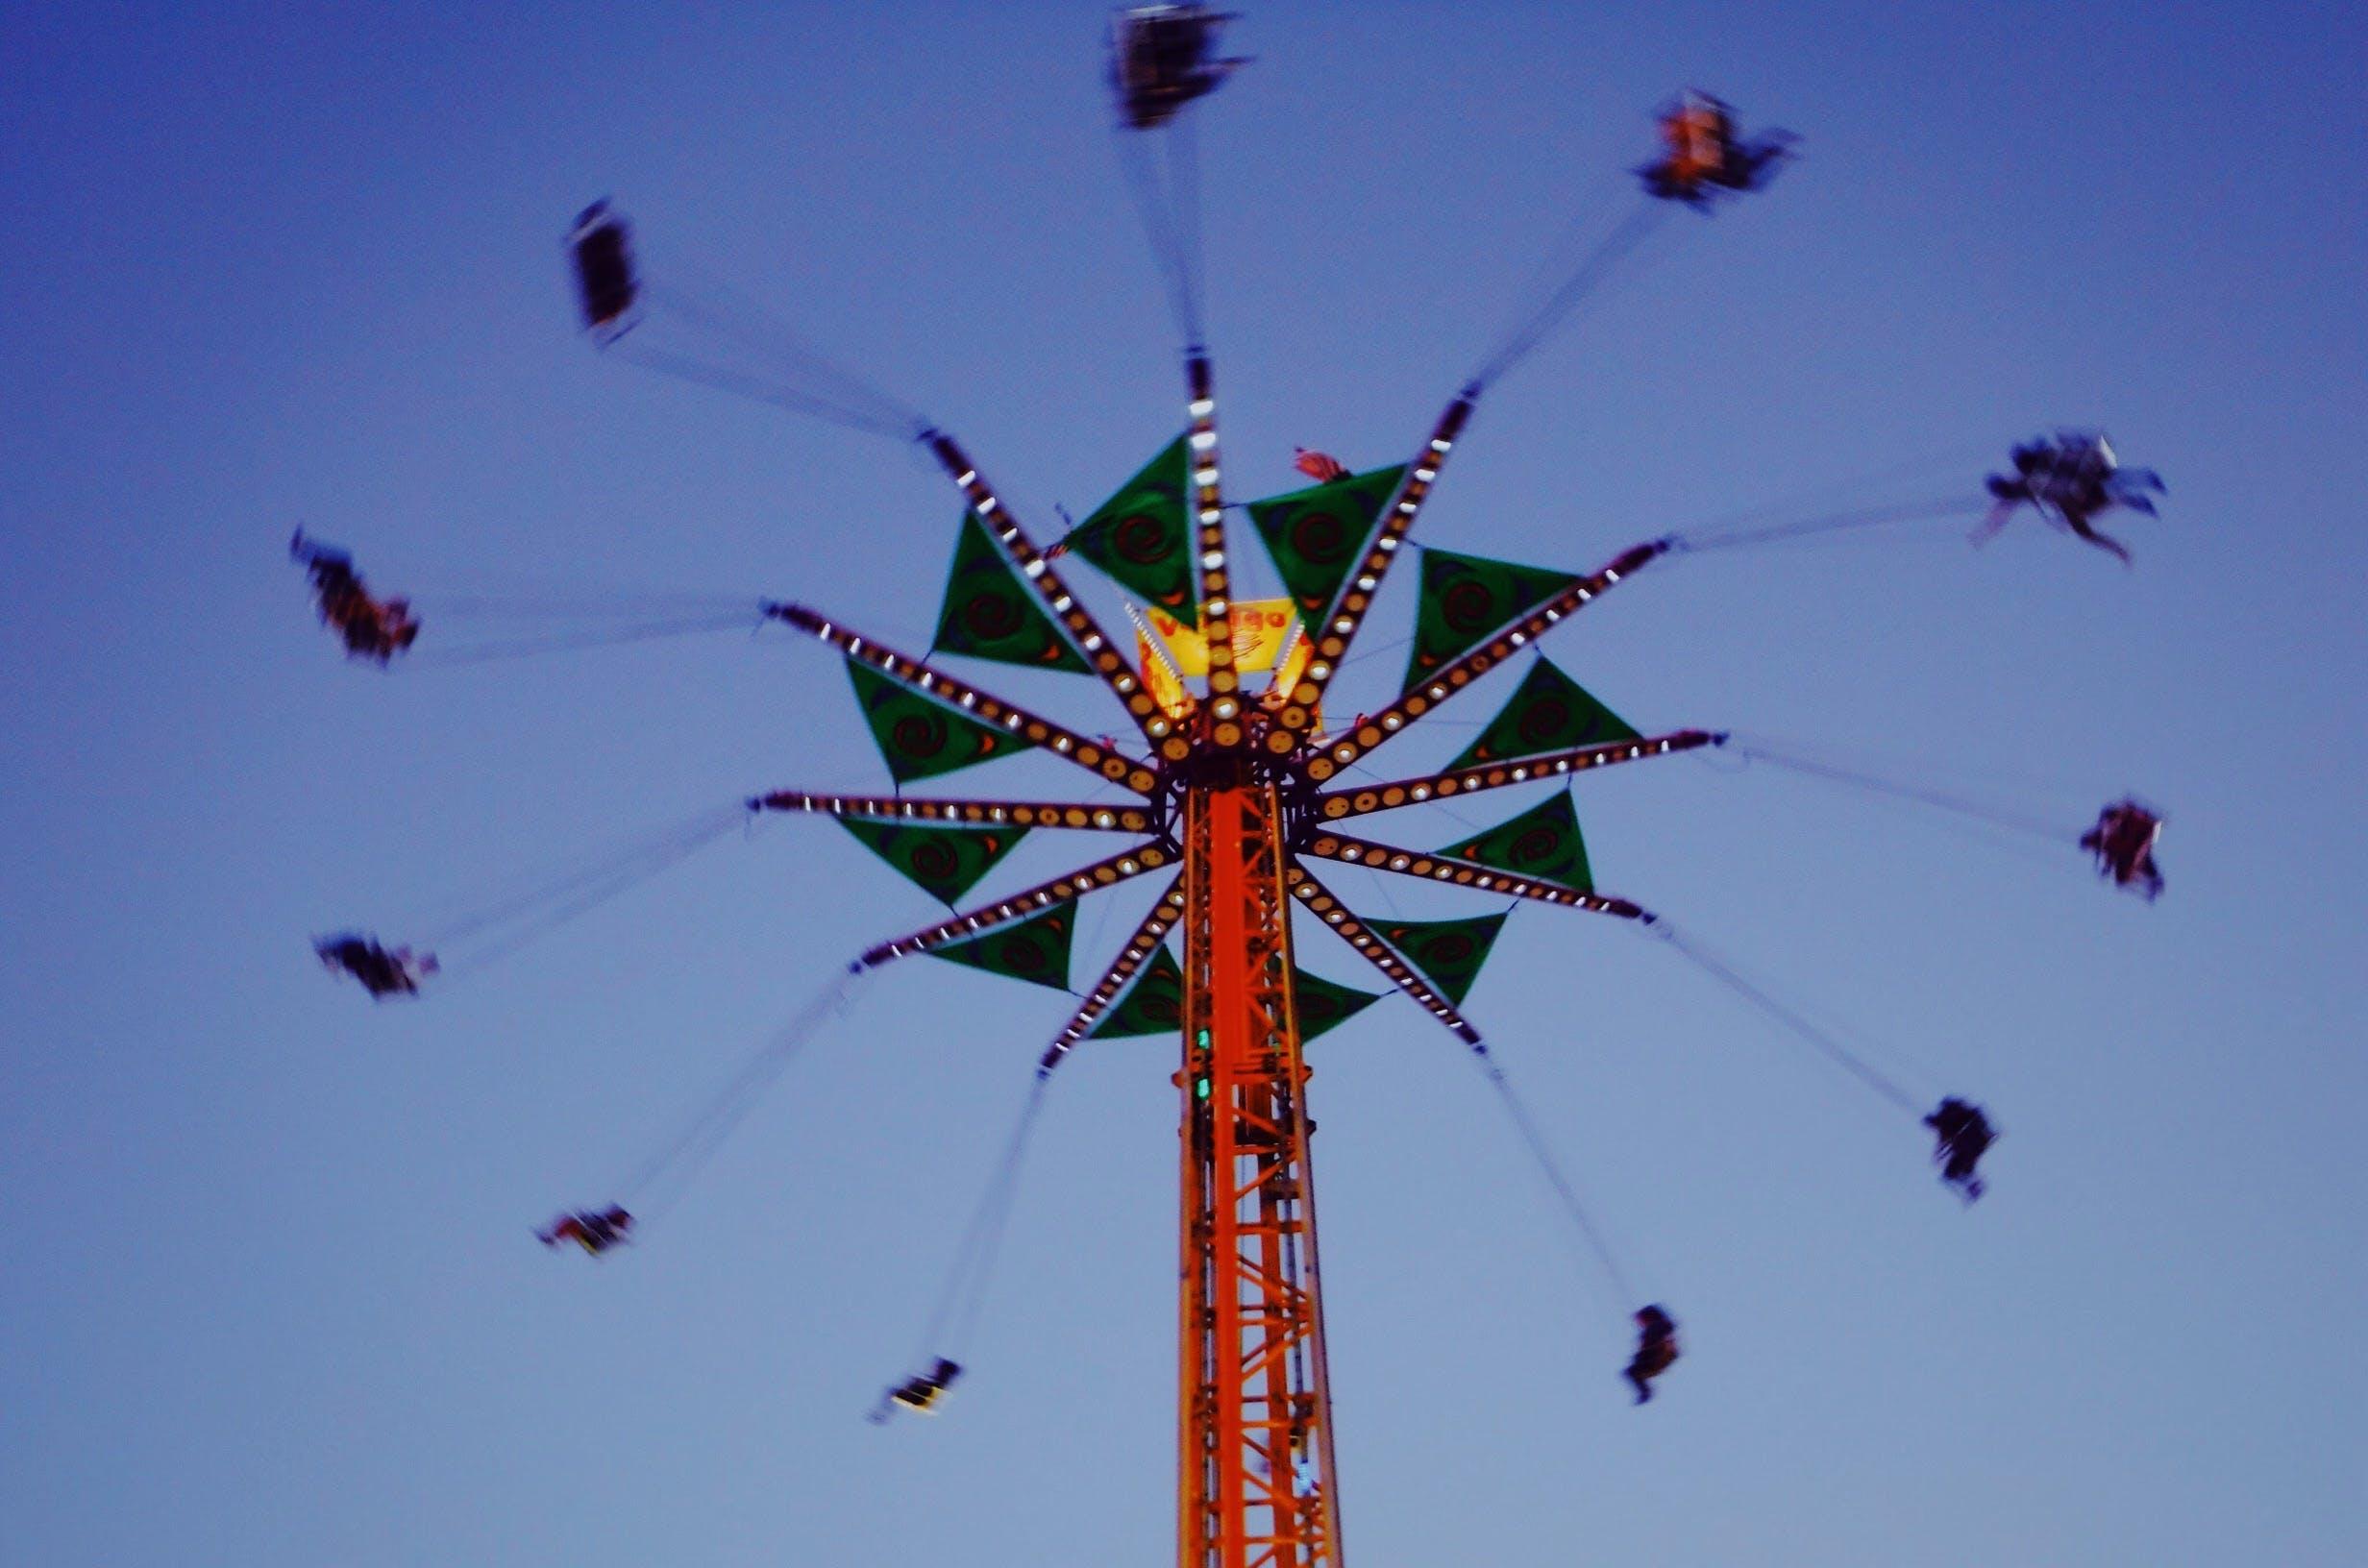 Kostenloses Stock Foto zu festival, silhouette, freizeitpark, jahrmarkt